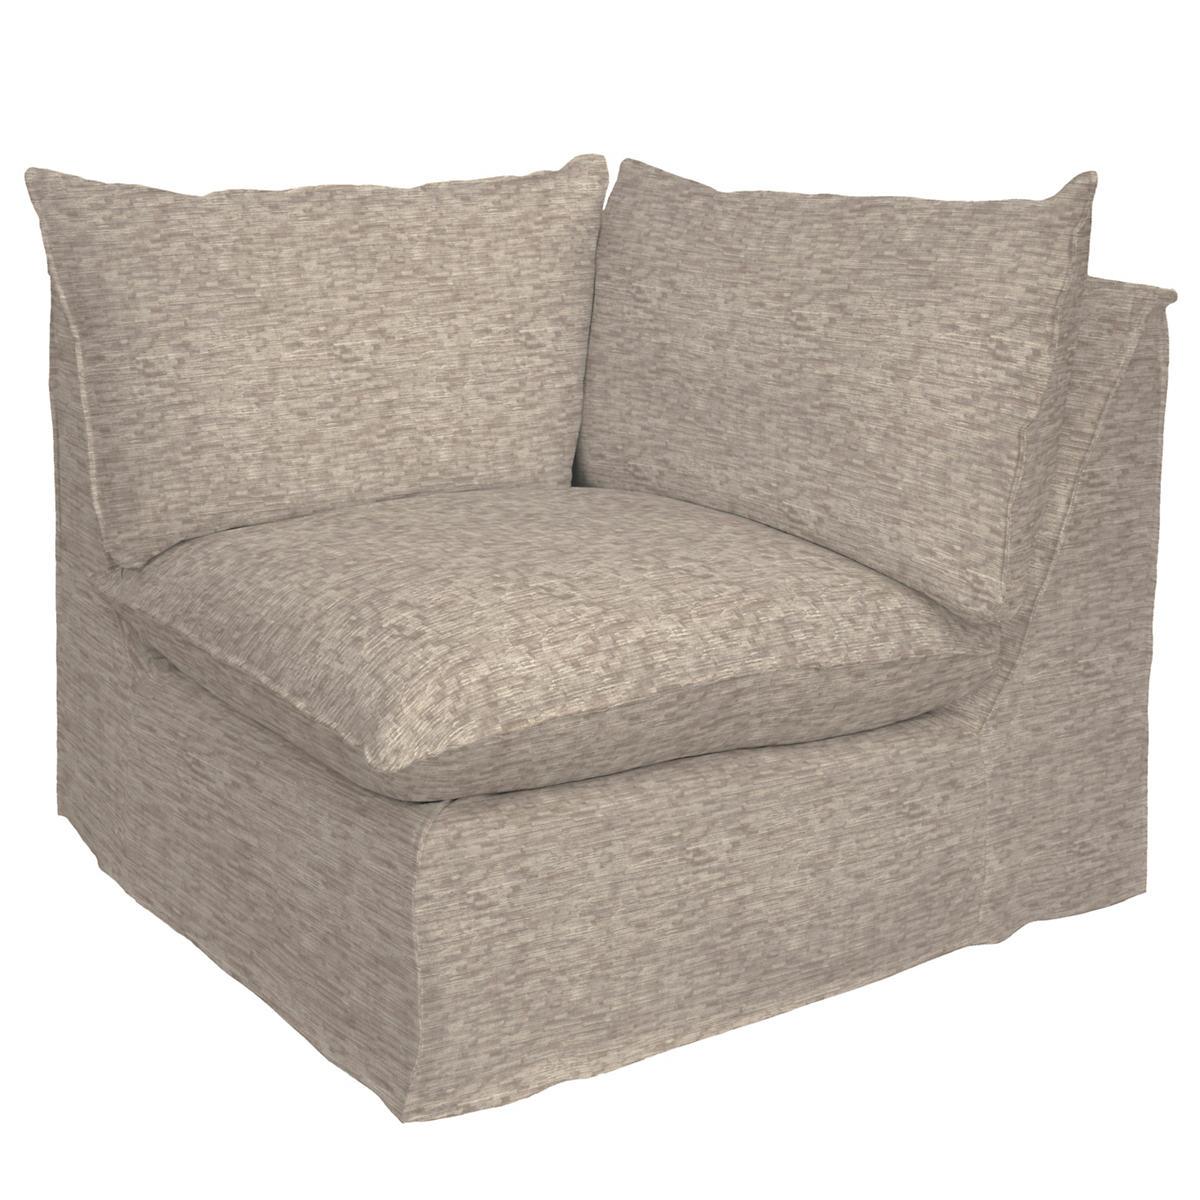 Bark Velvet Stone Hollingsworth Slipcovered Corner Chair